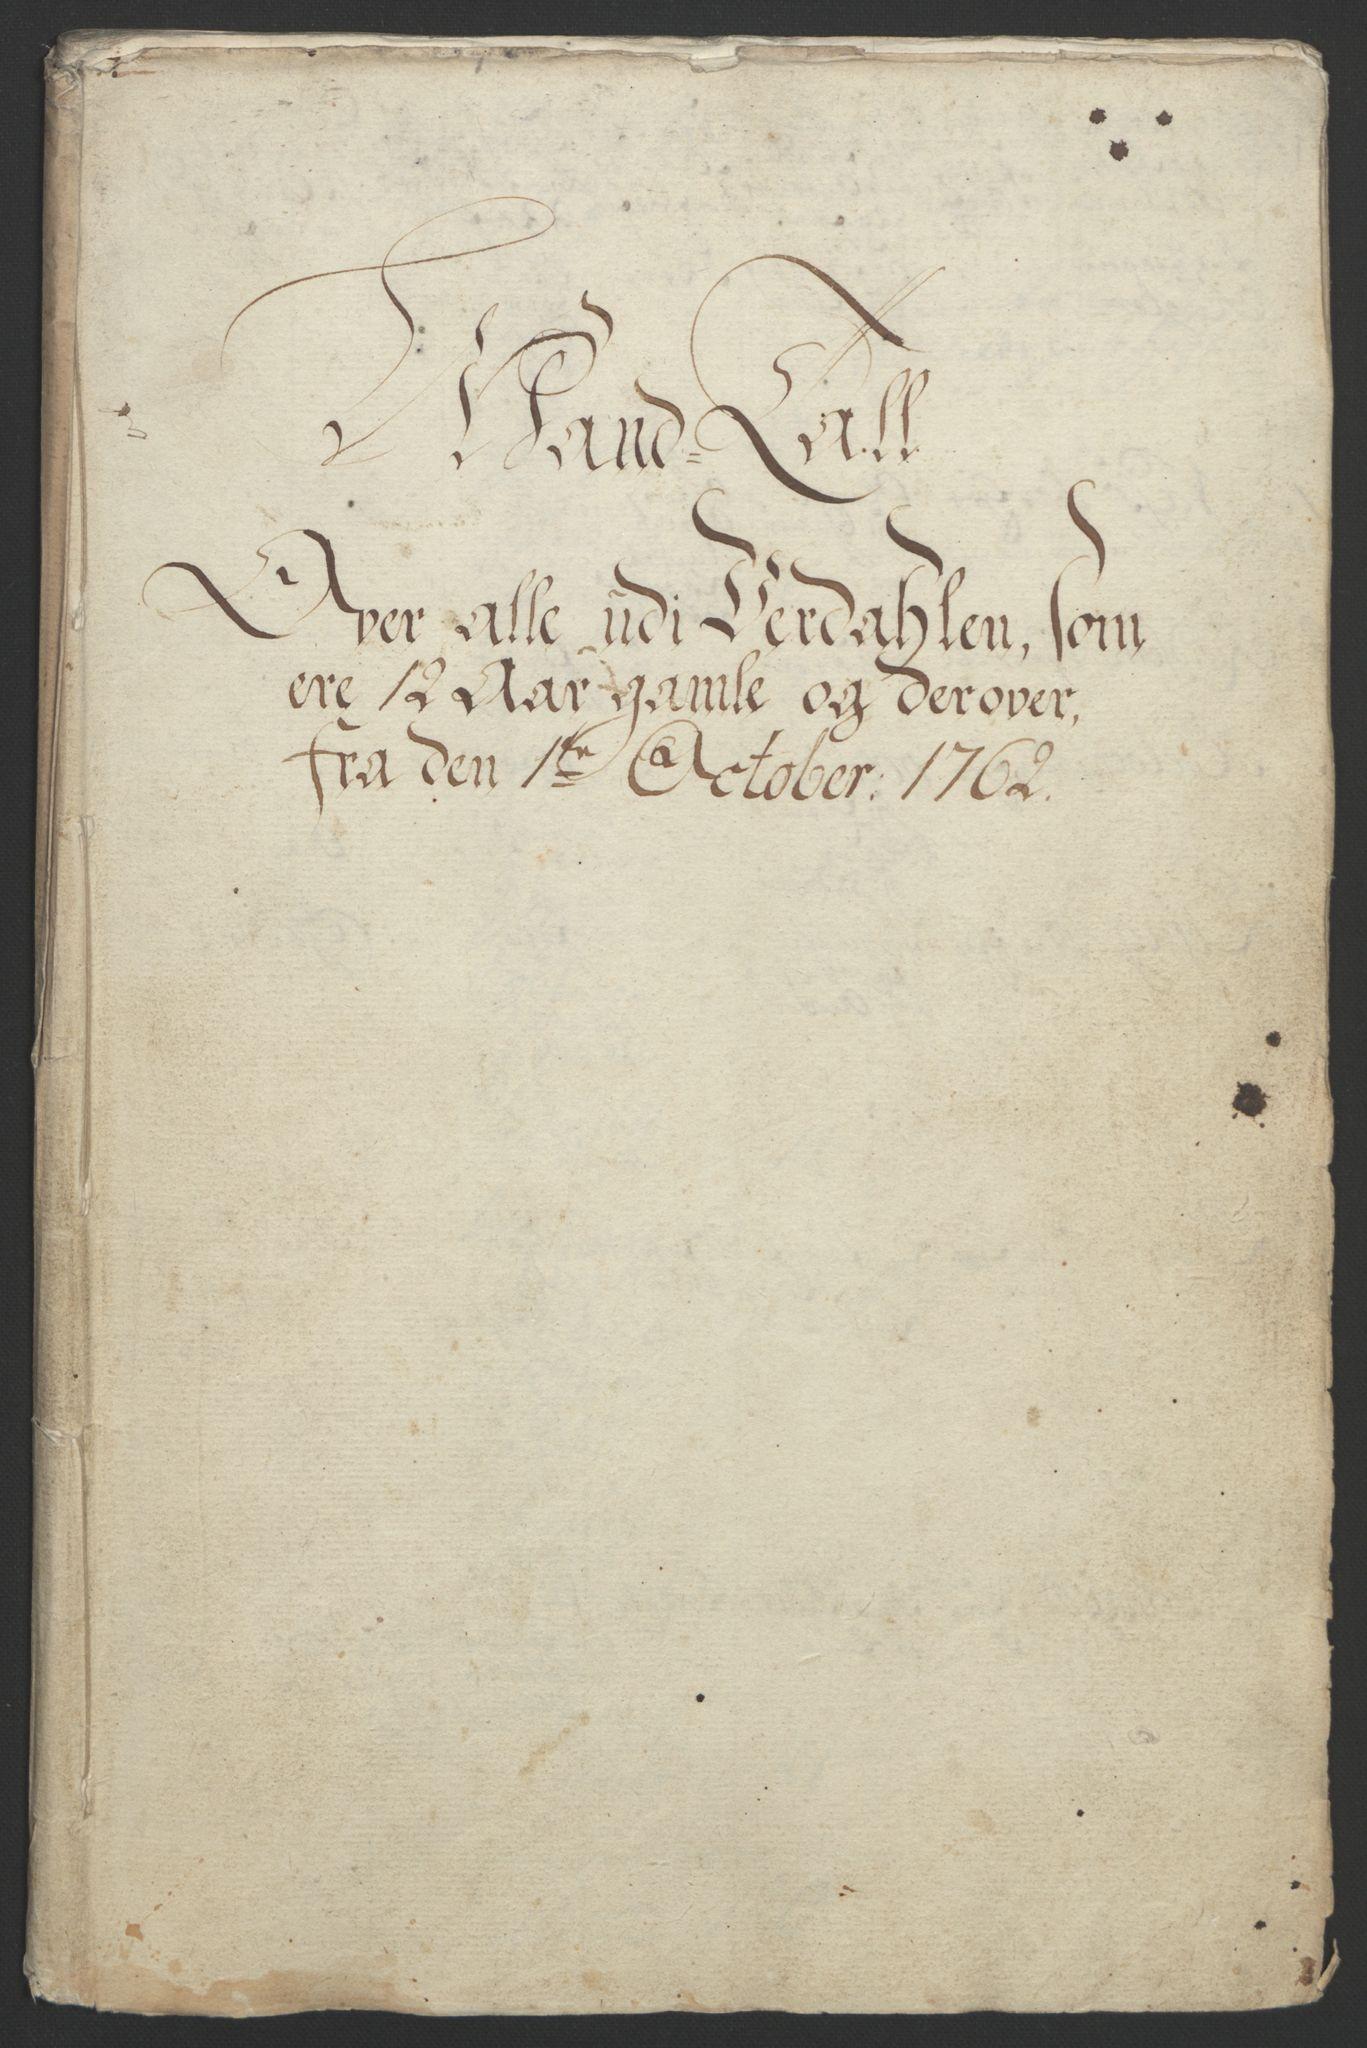 RA, Rentekammeret inntil 1814, Reviderte regnskaper, Fogderegnskap, R62/L4303: Ekstraskatten Stjørdal og Verdal, 1762-1763, s. 91